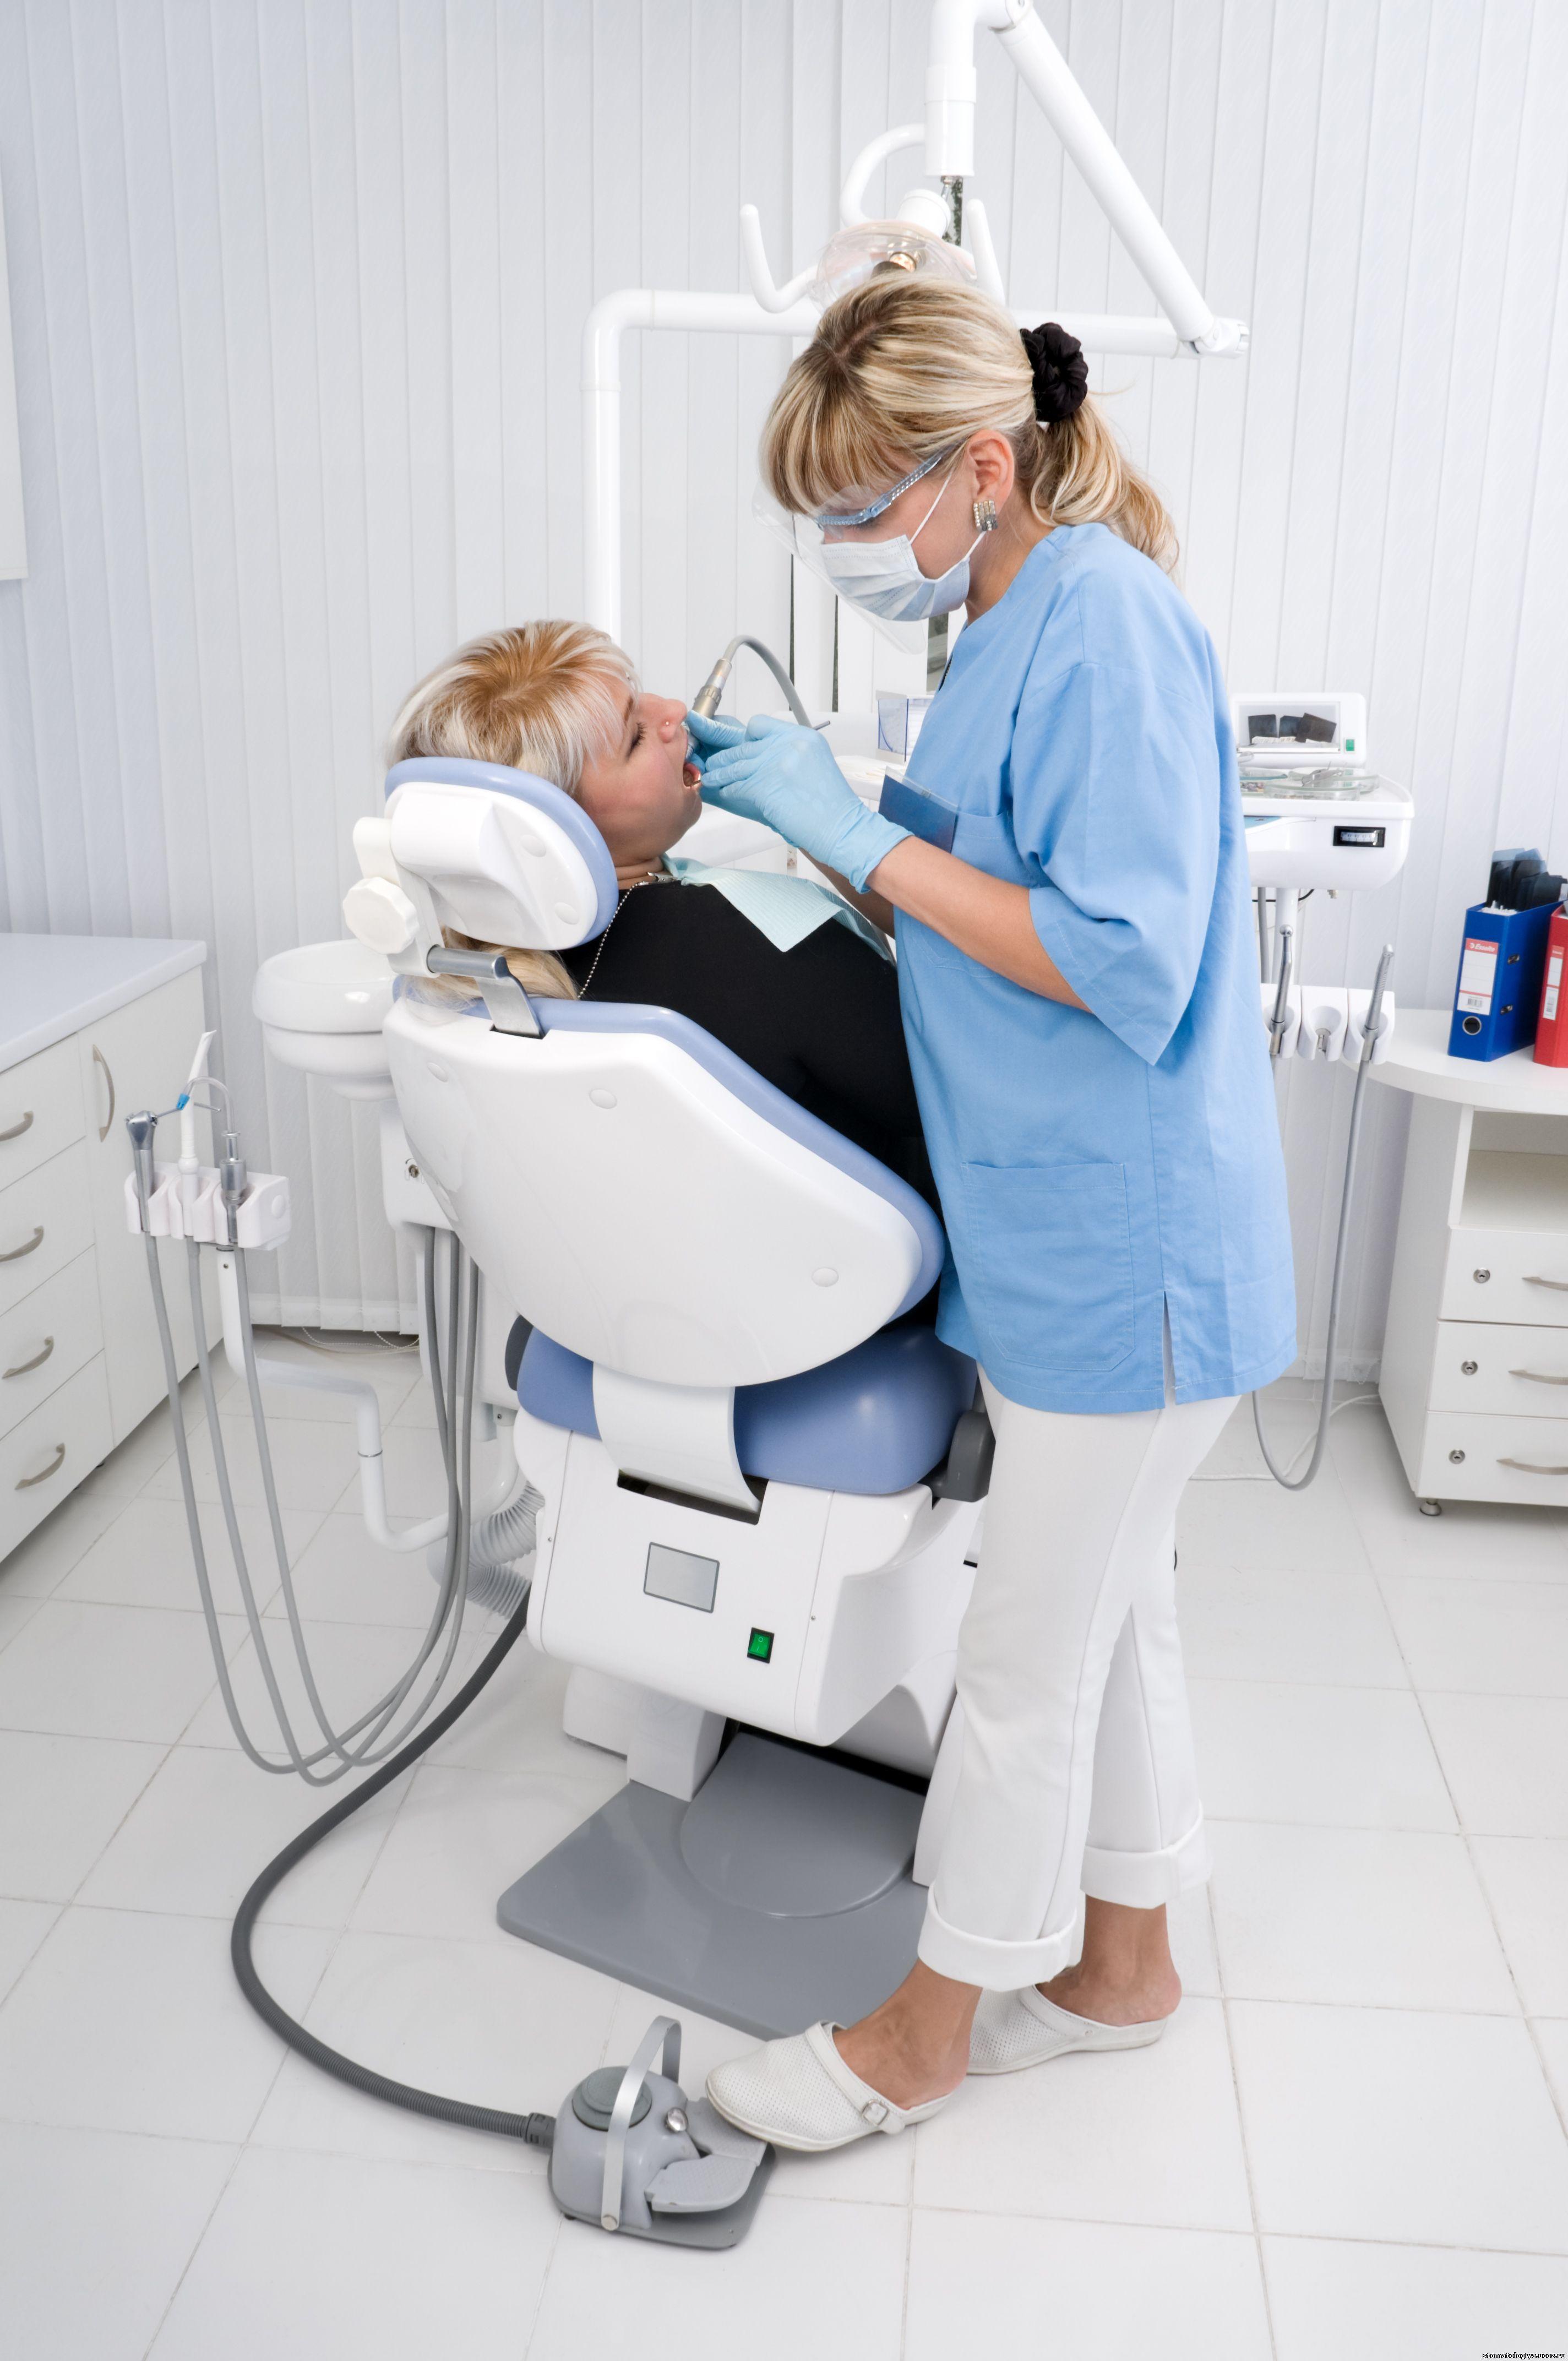 Стоматология в жизни современного человека